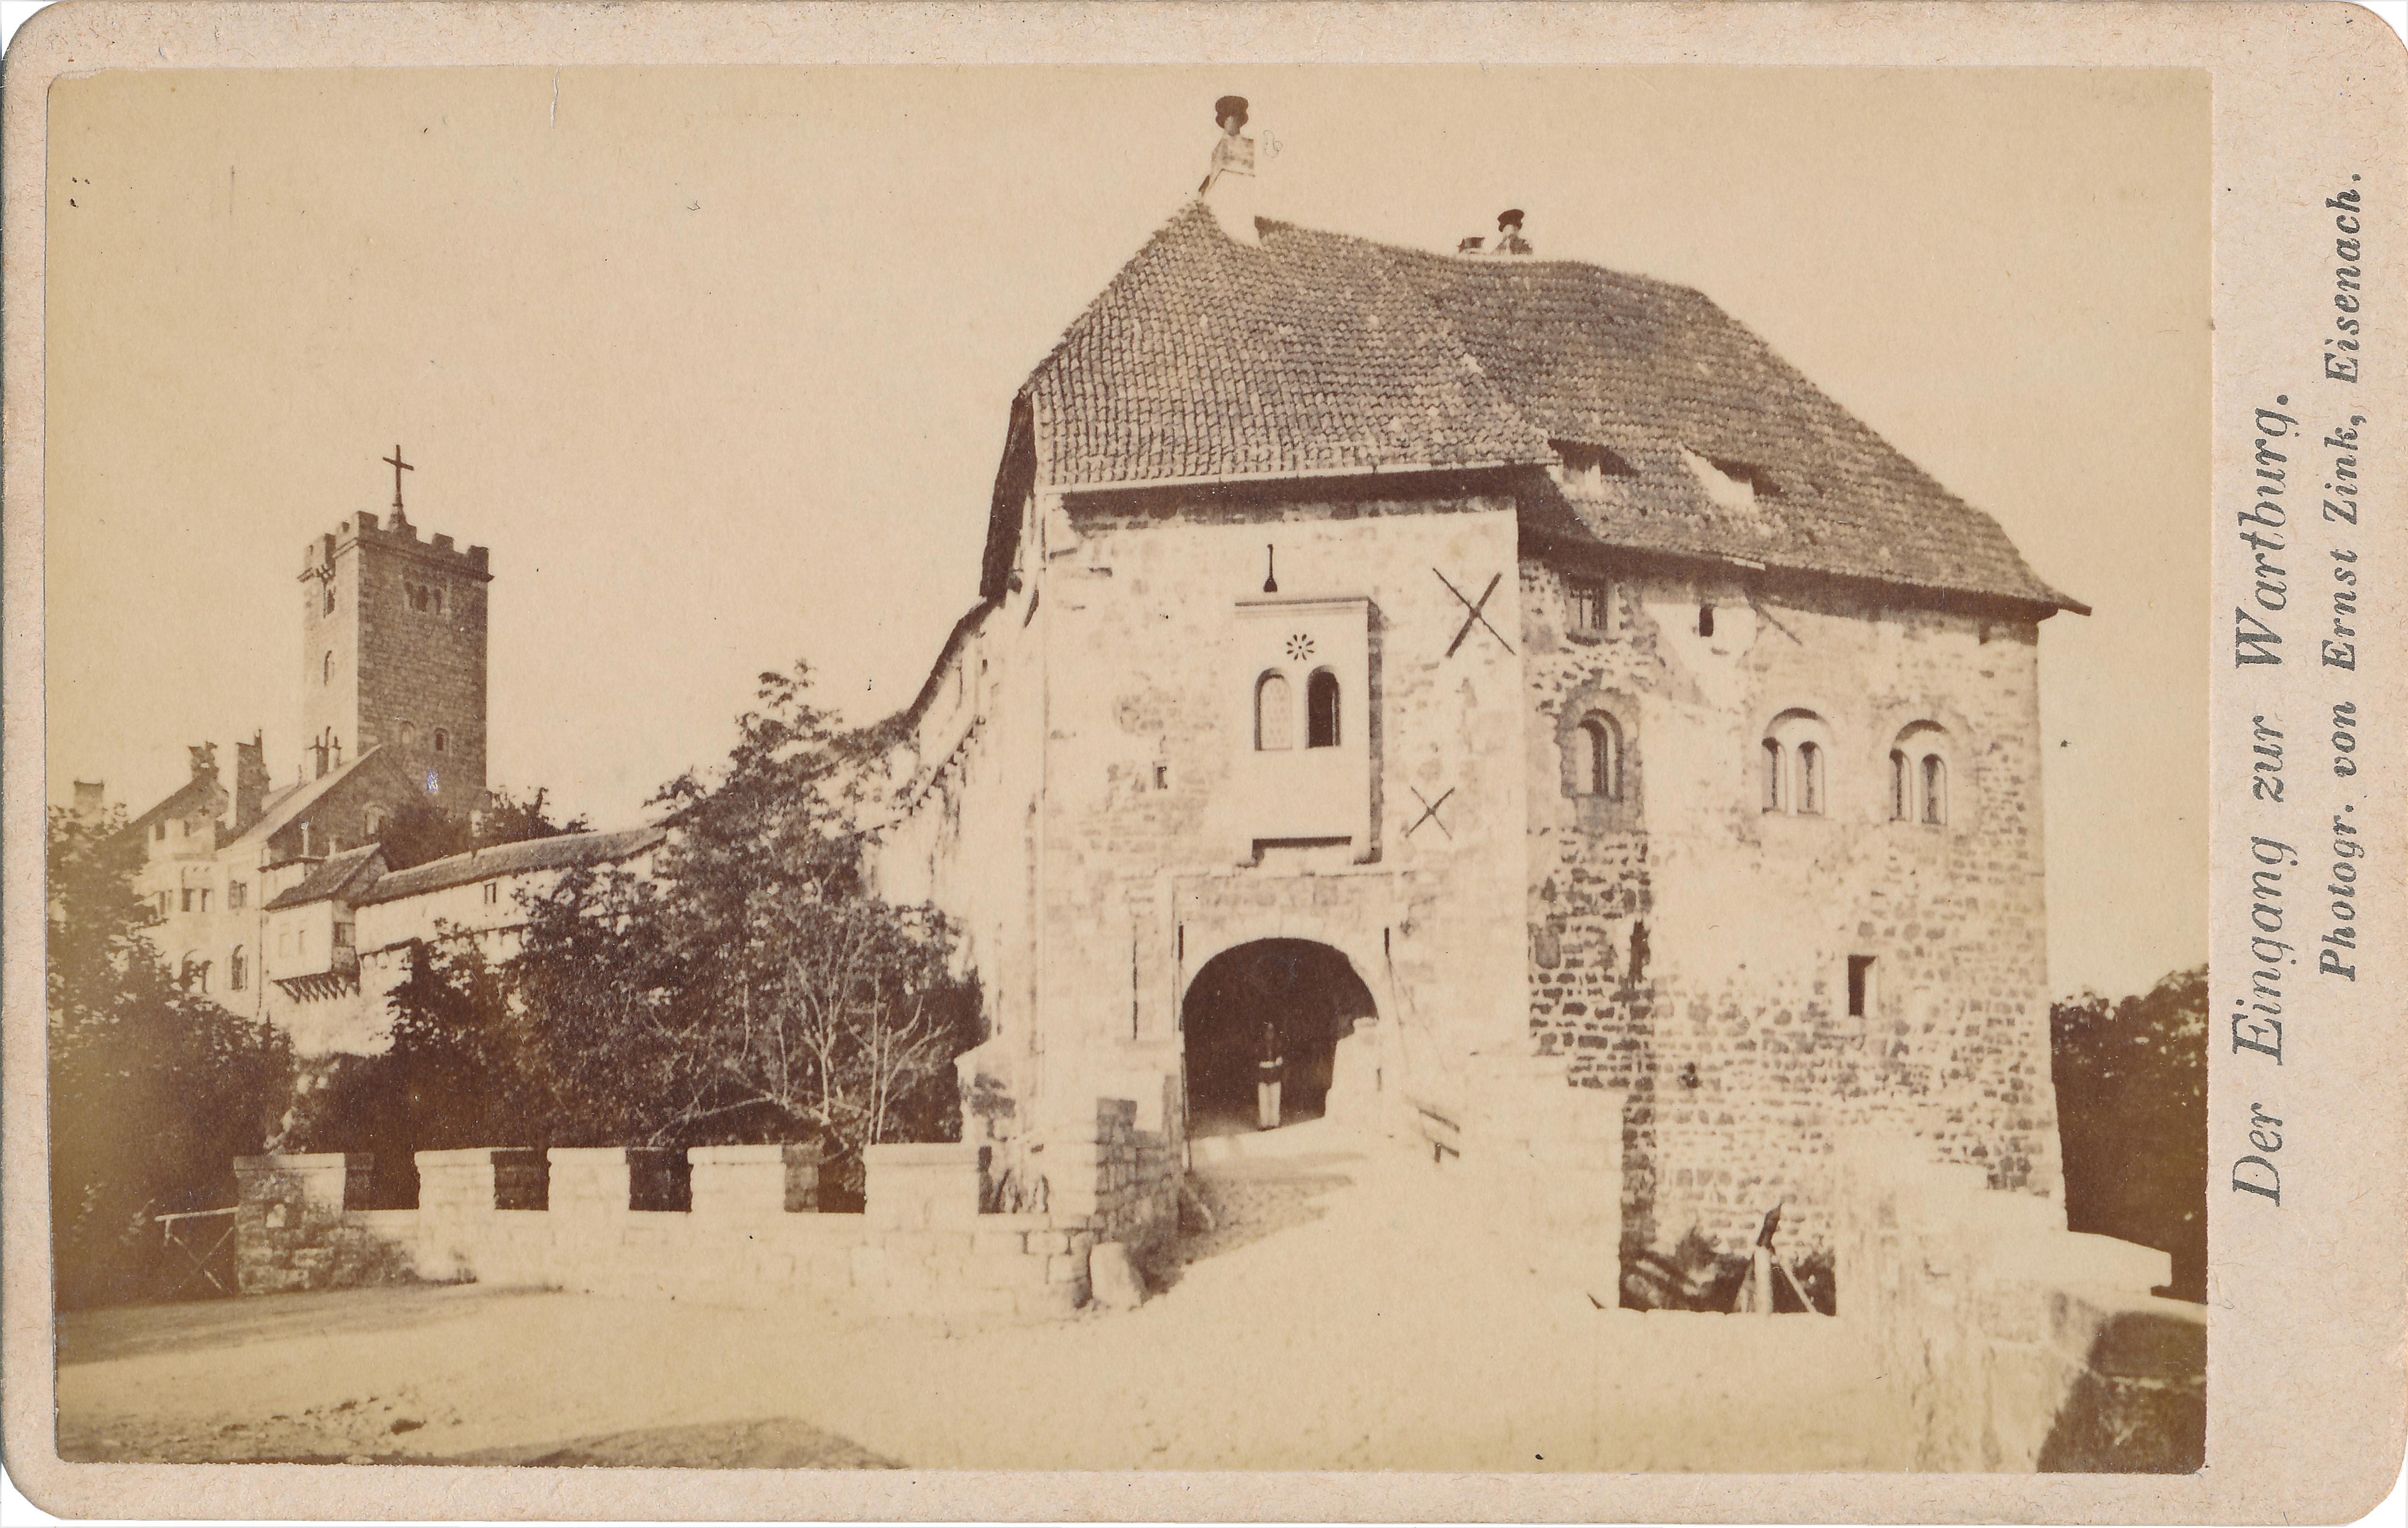 05_Palmowski_CdV-Eisenach (3).png